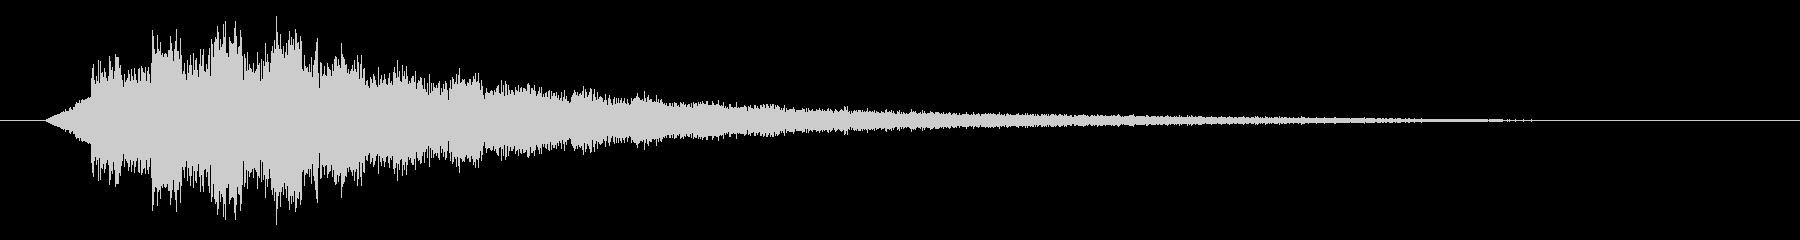 キラキラ/セーブ/回復の未再生の波形